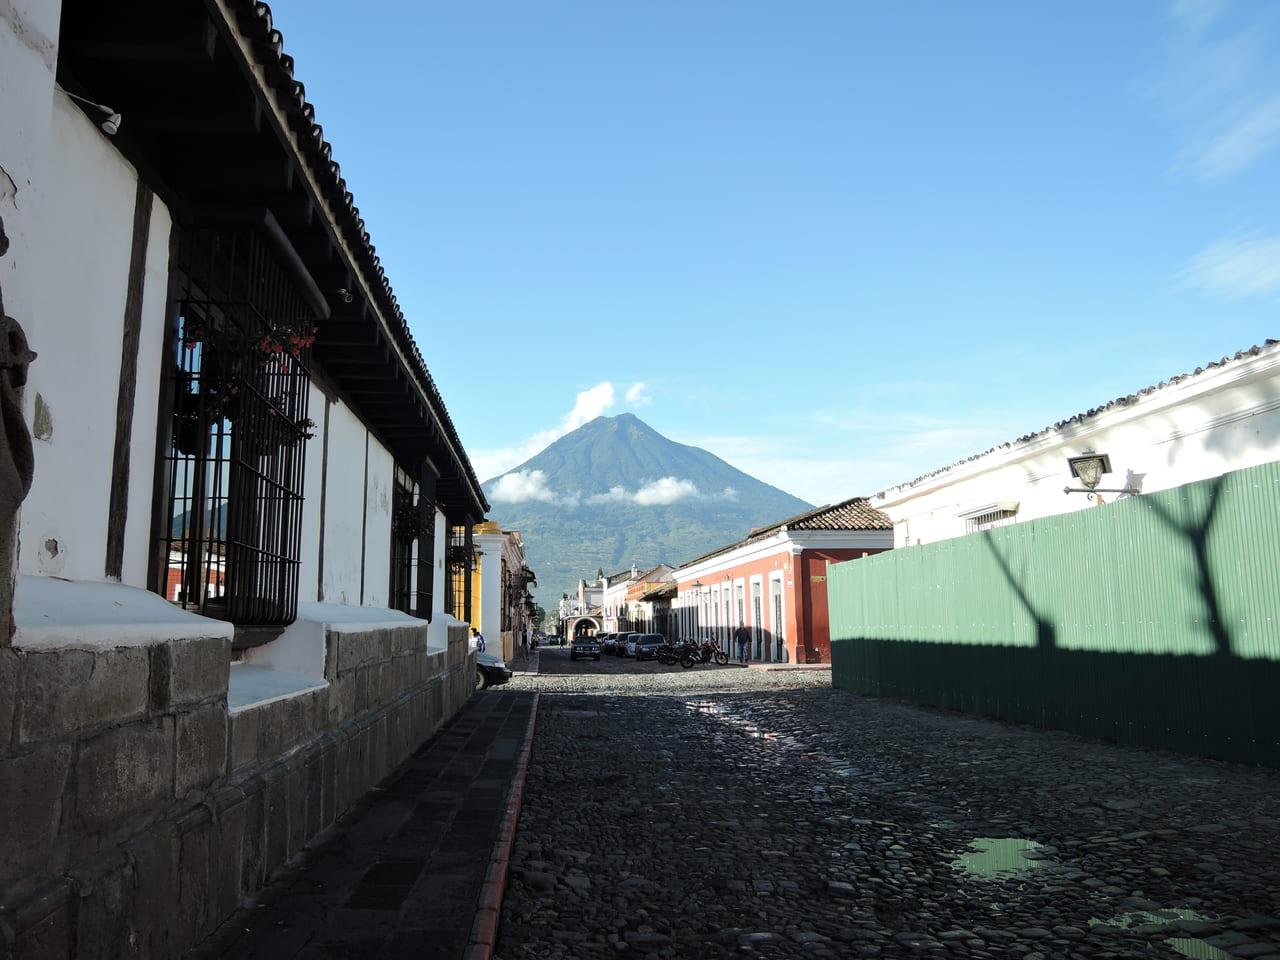 アンティグアから見えるアグア火山